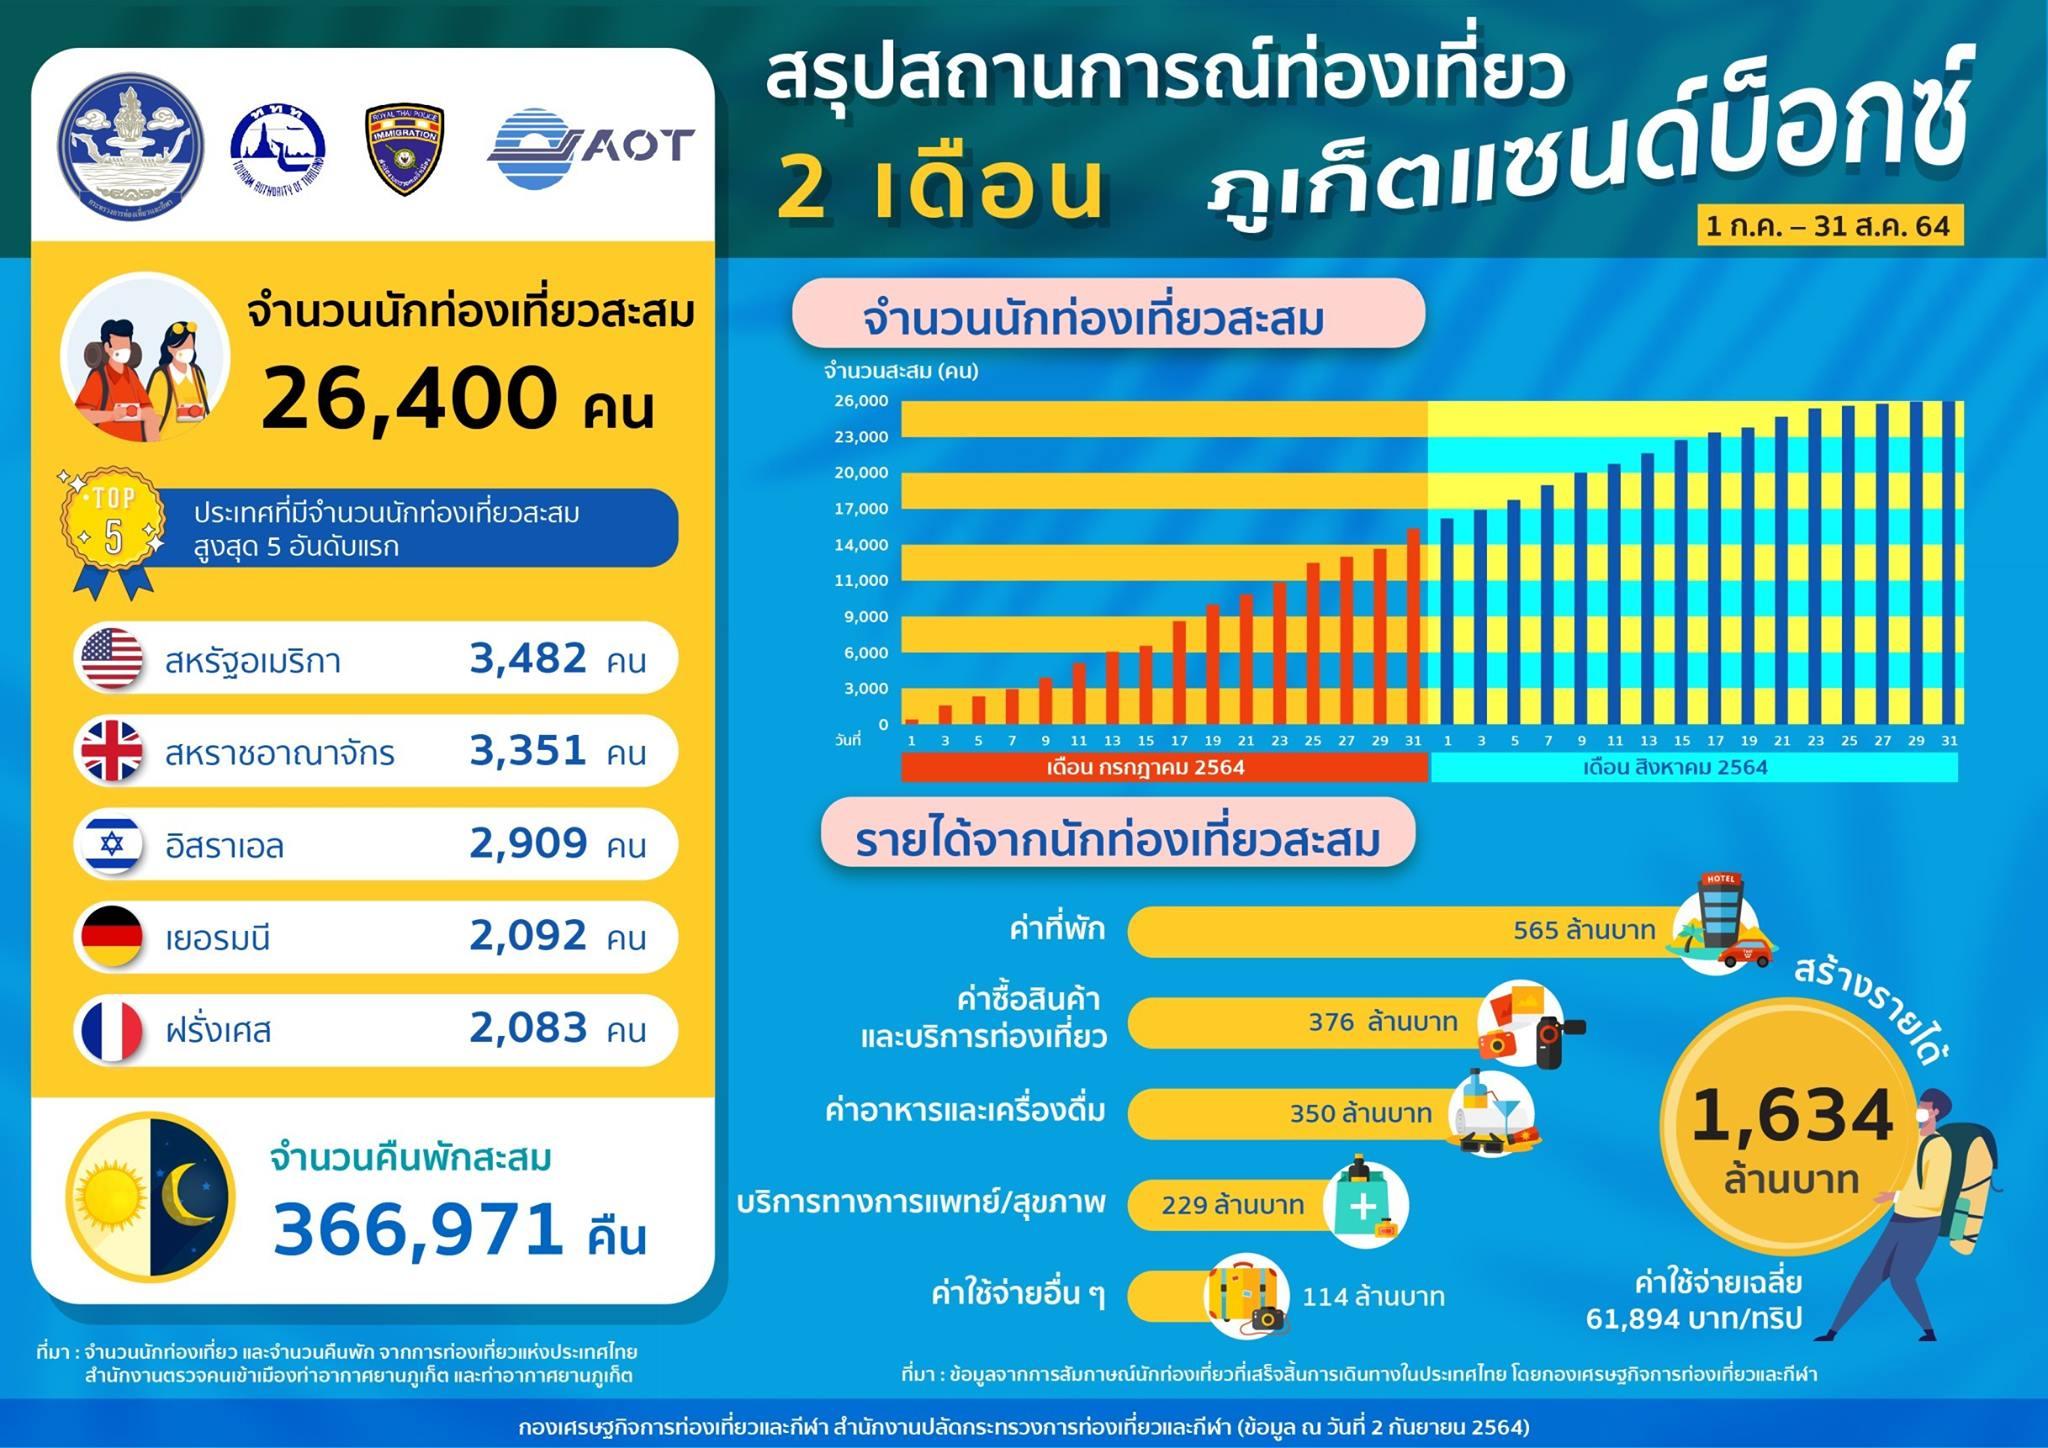 เปิด Phuket Sandbox 2 เดือน นทท.ต่างชาติมาแล้ว 2.64 หมื่นคน-ใช้จ่าย 1.6 พันล้าน